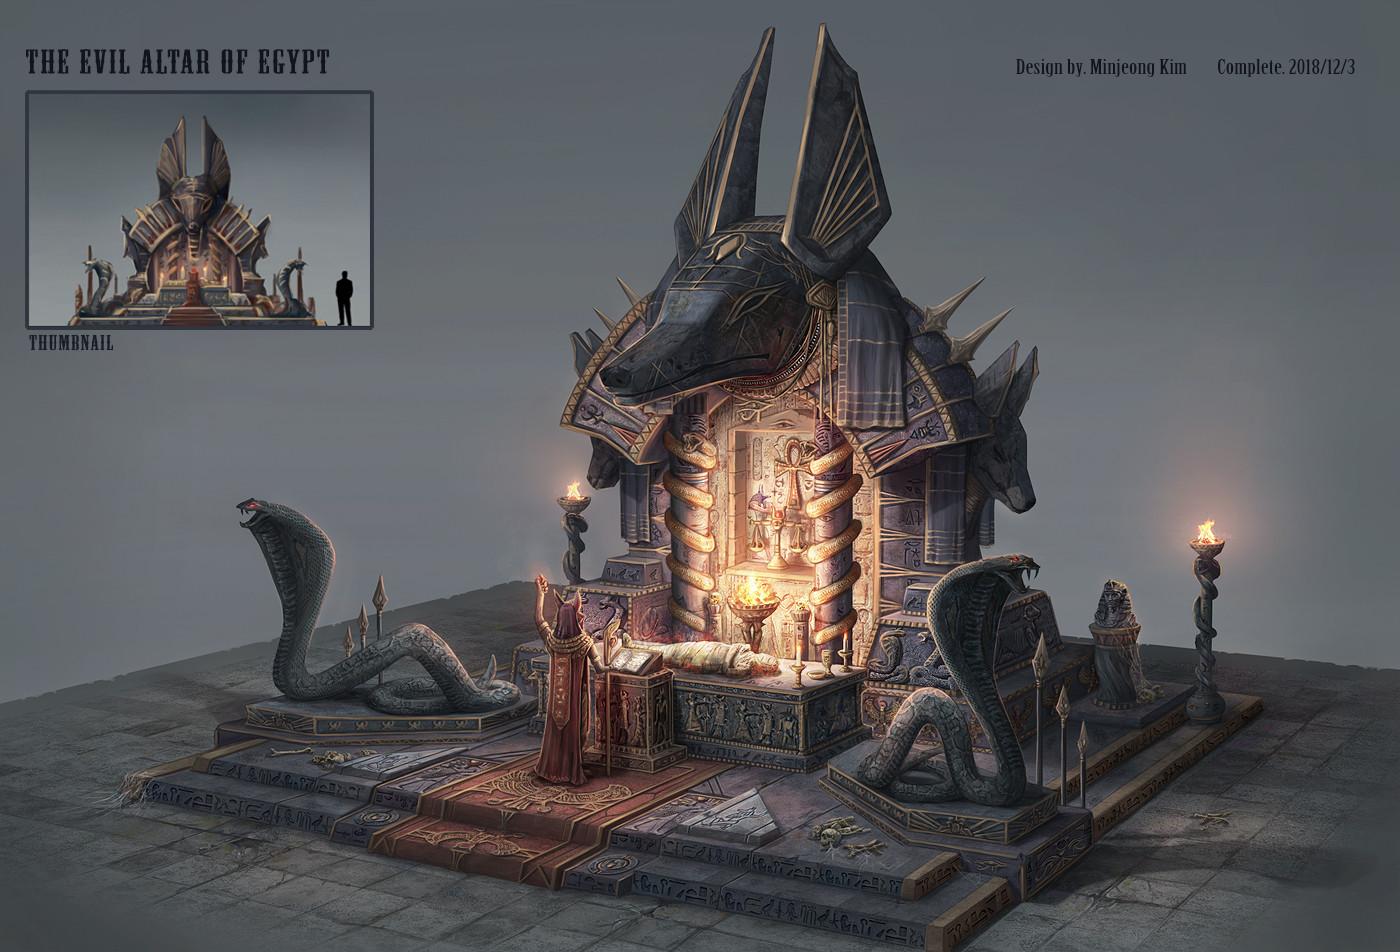 ArtStation - The evil altar of egypt, Minjeong Kim